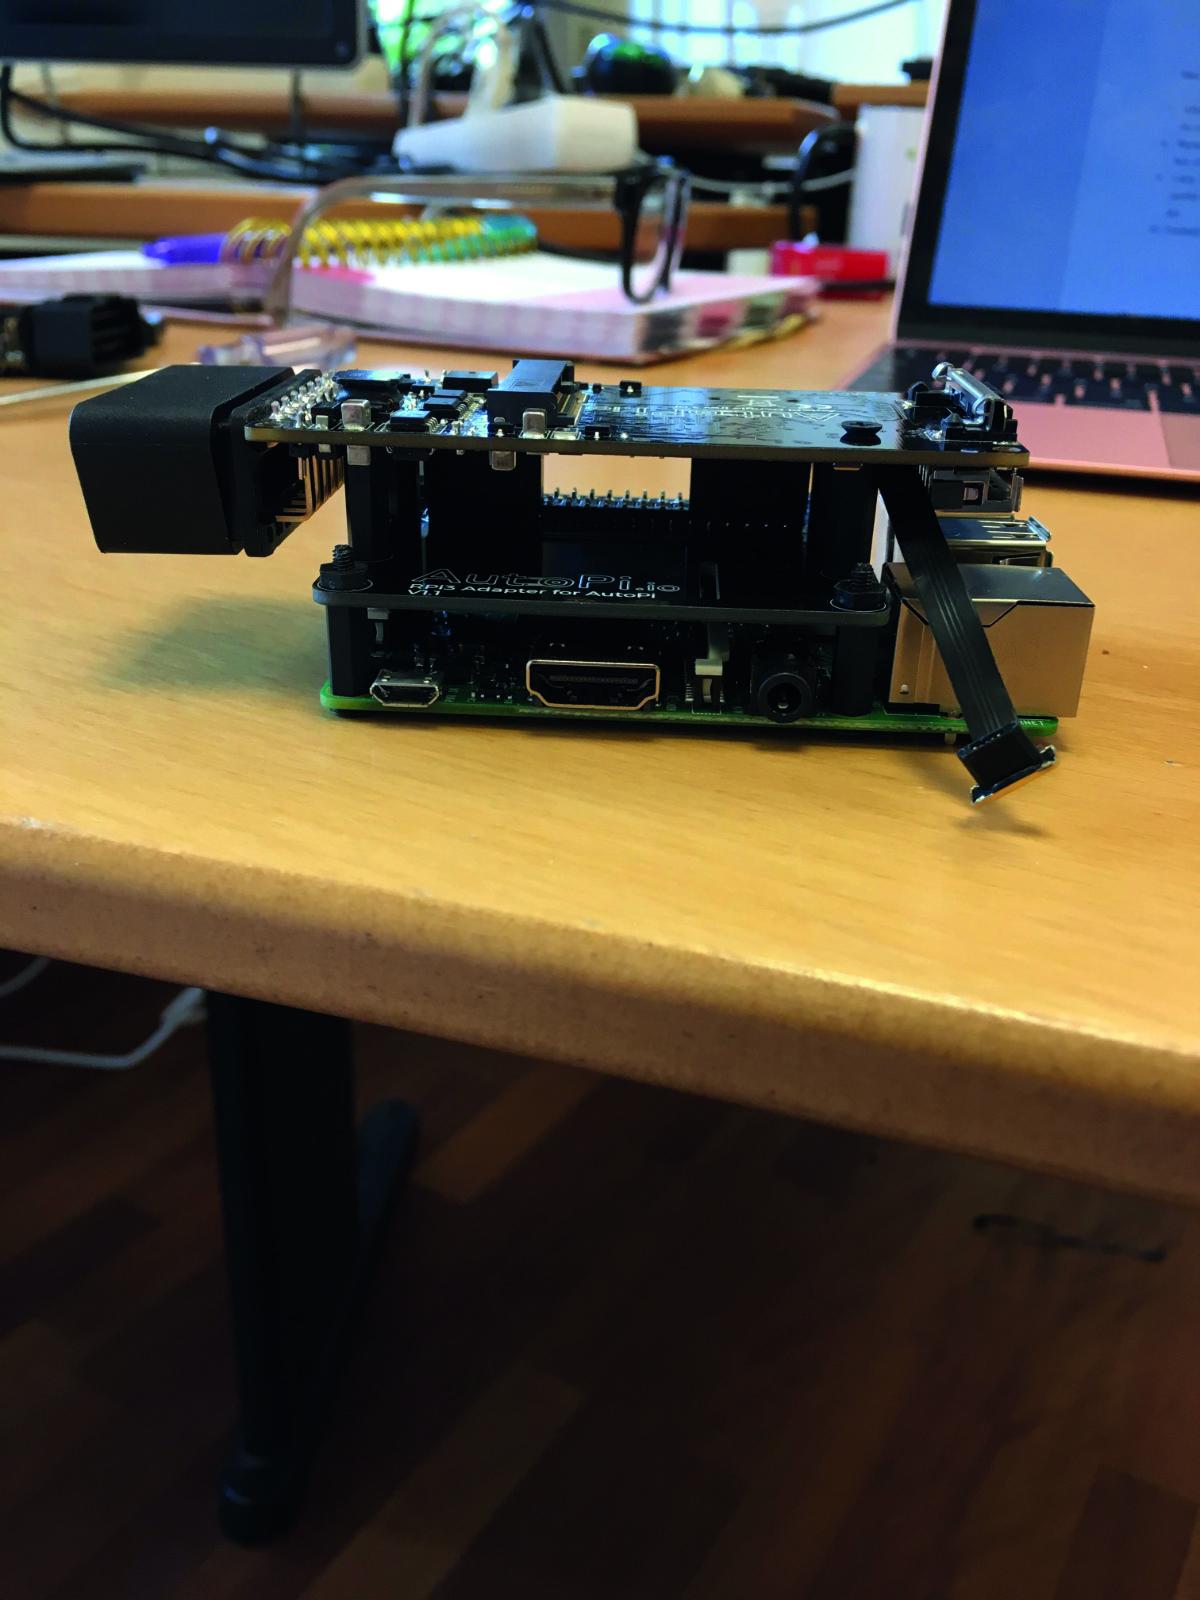 Build a car computer 'carputer' with Raspberry Pi - The MagPi